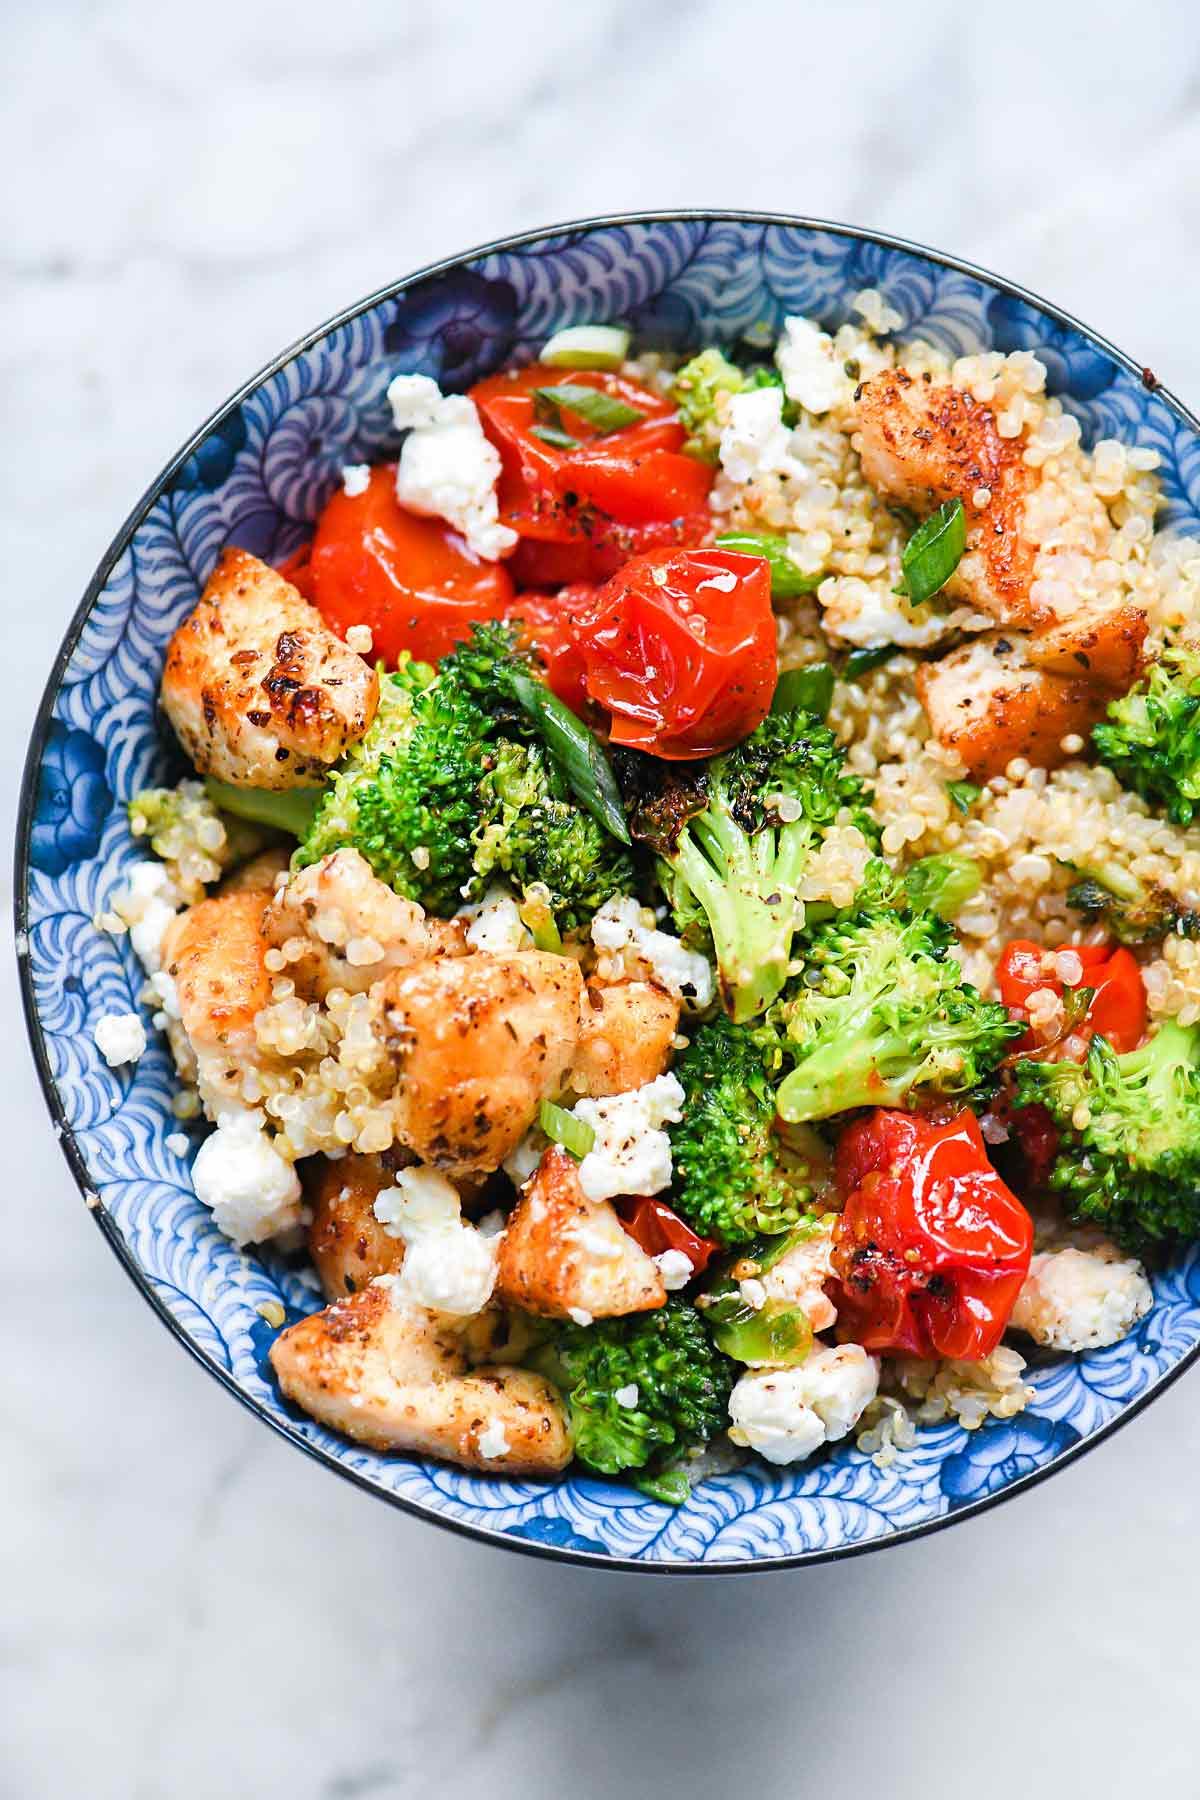 Mediterranean Chicken Quinoa Bowls with Broccoli and Tomato | foodiecrush.com #quinoa #bowl #mediterranean #chicken